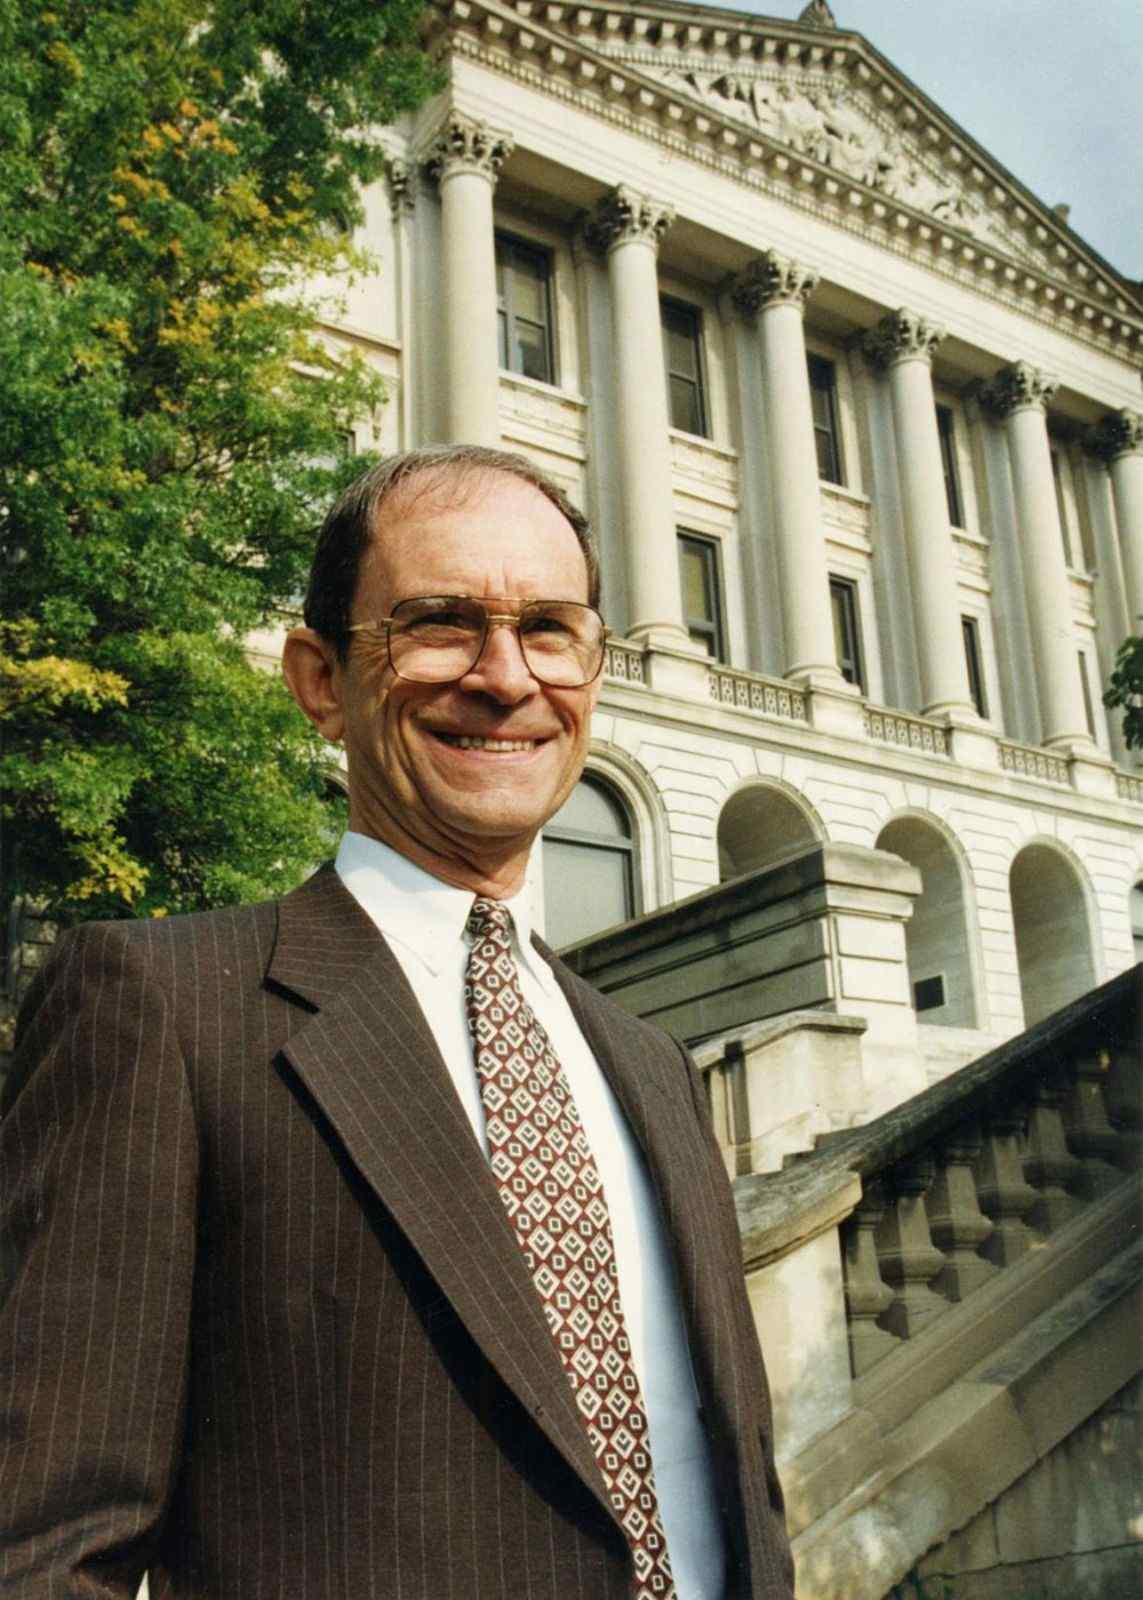 Dr. G.E. Moller